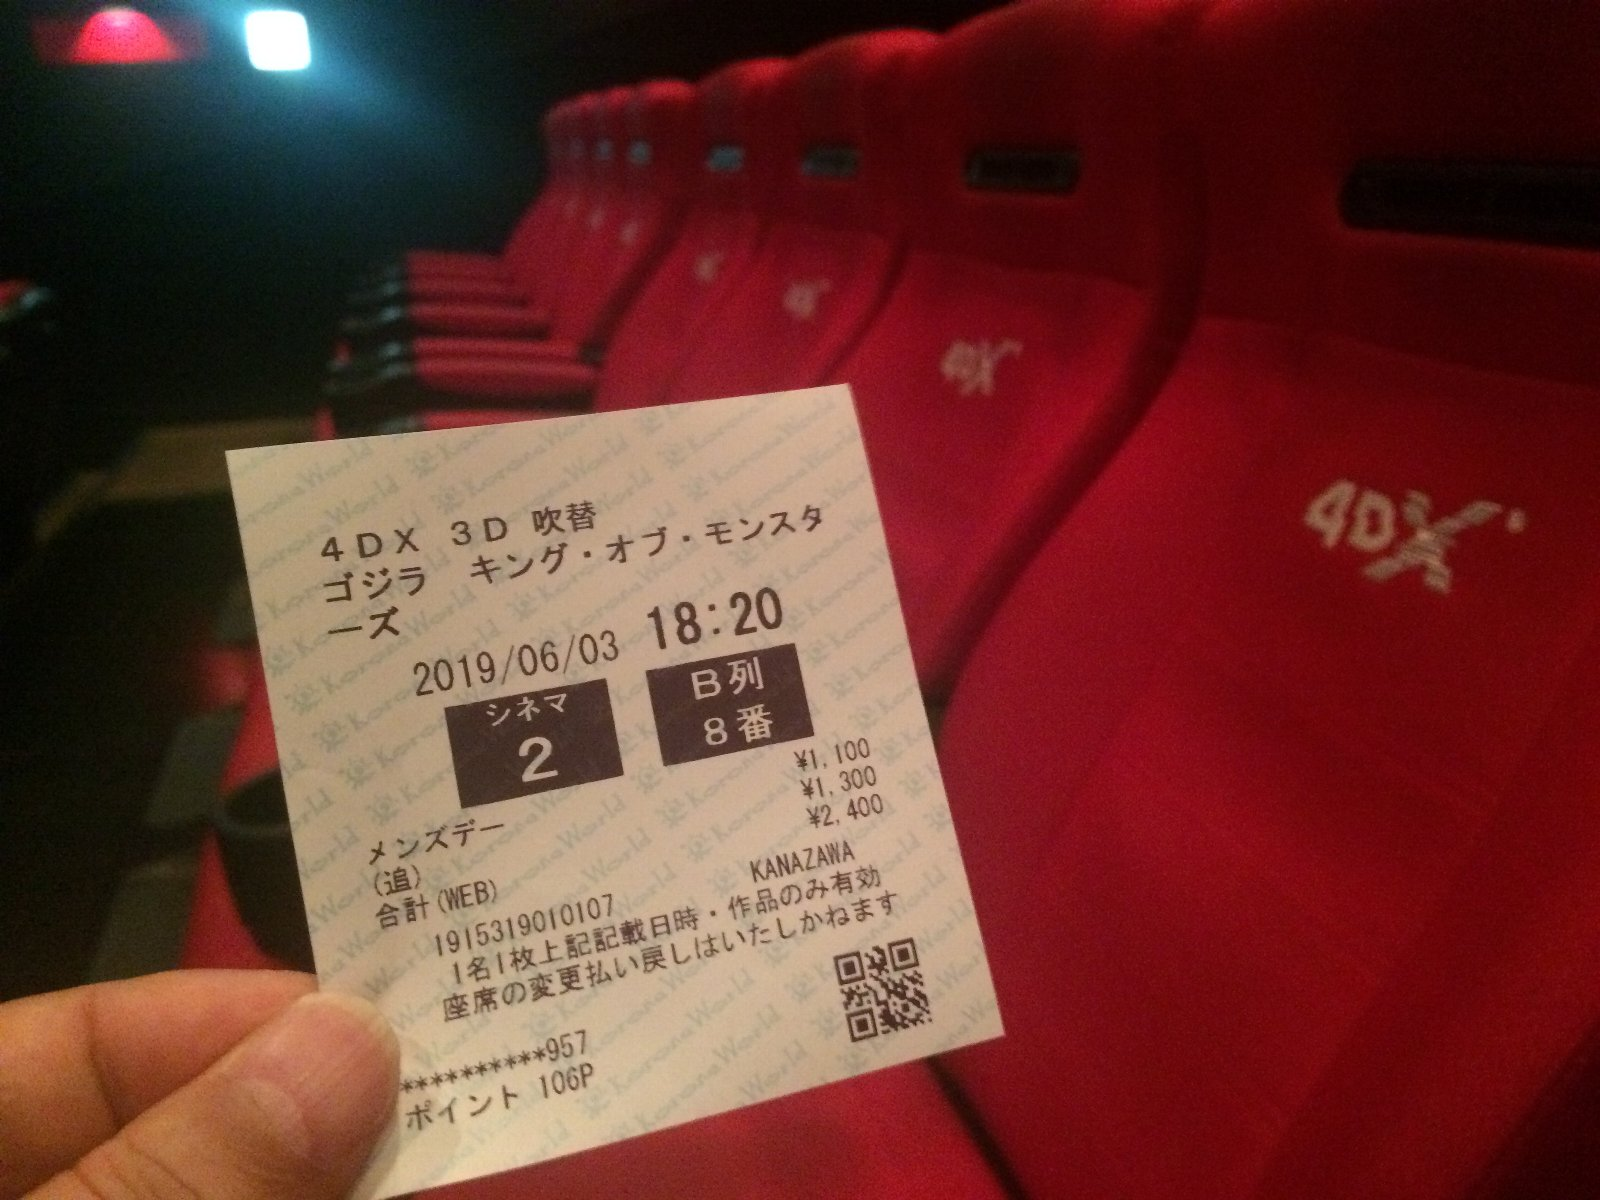 20190603 『キング・オブ・モンスターズ』4DX